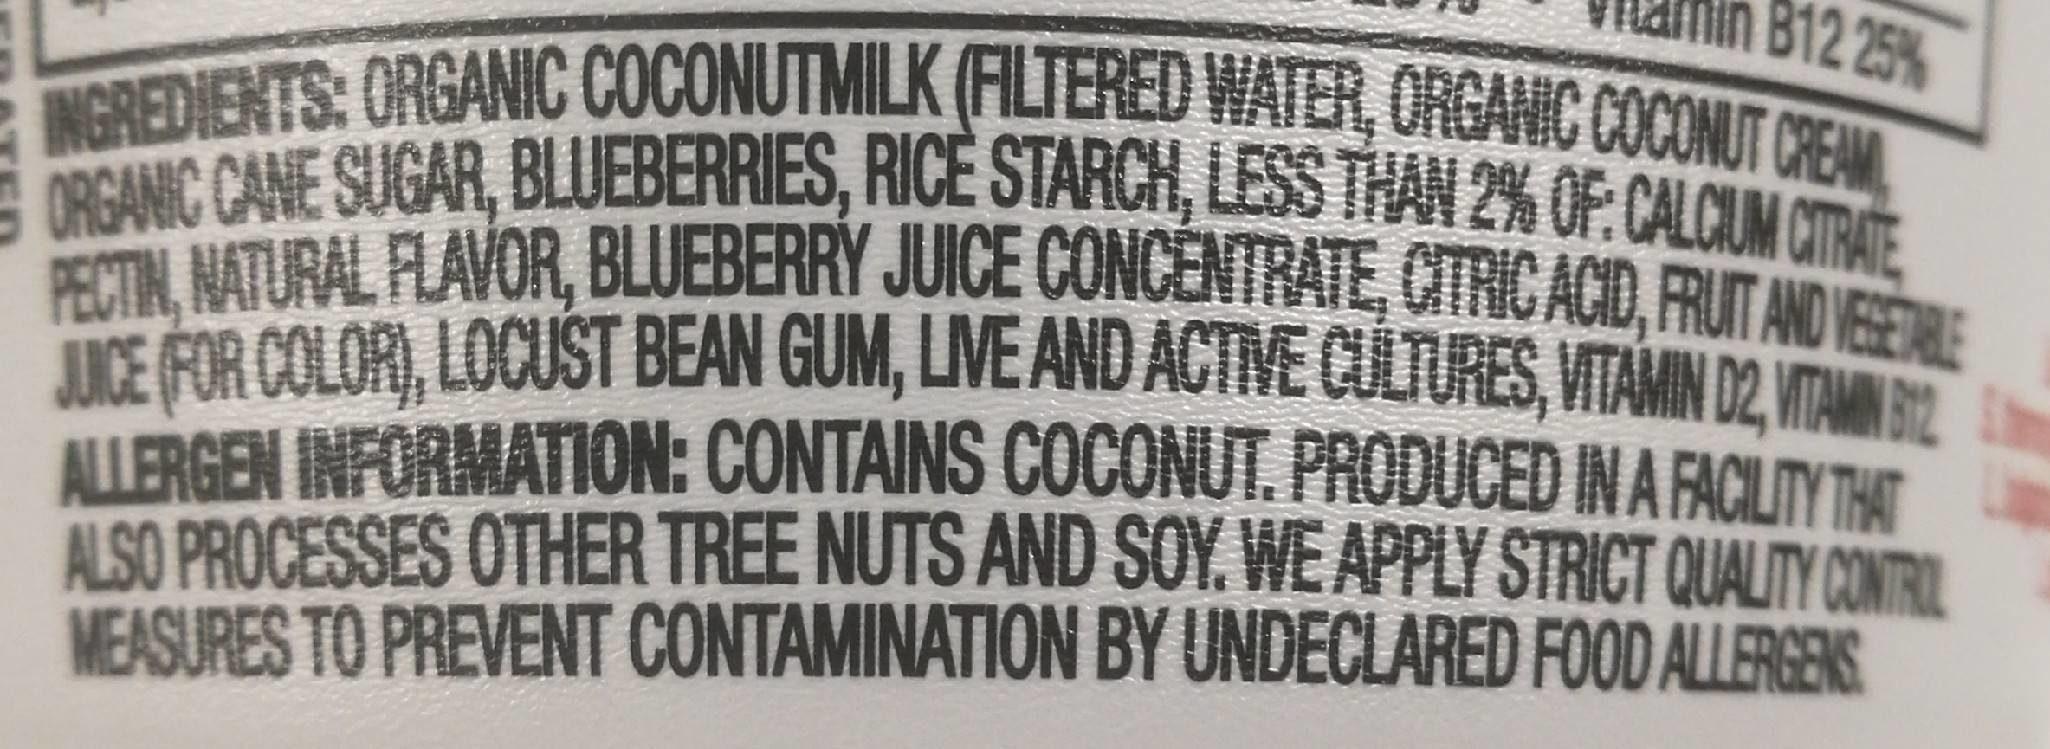 Coconutmilk yogurt alternative - Ingredients - en